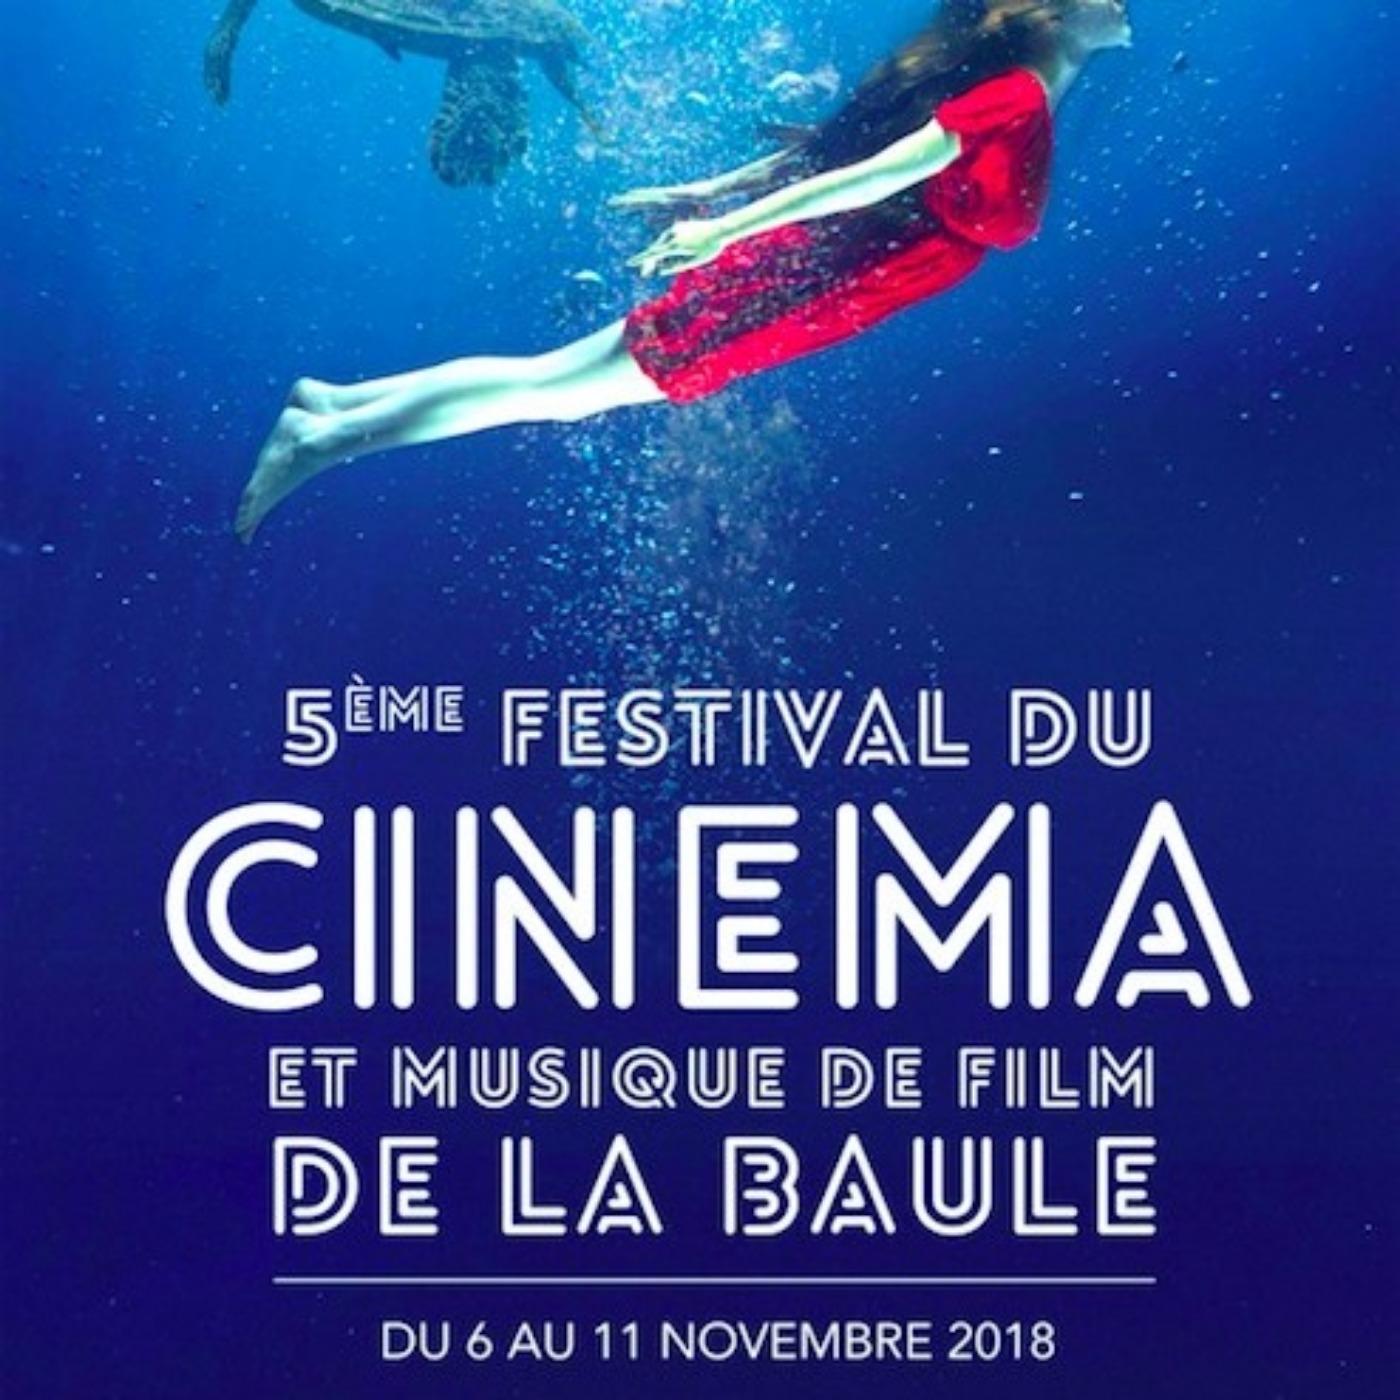 5eme Festival Du Cinéma et Musique de Film de la Baule | Résultats de la Compétition des Ibis d'or